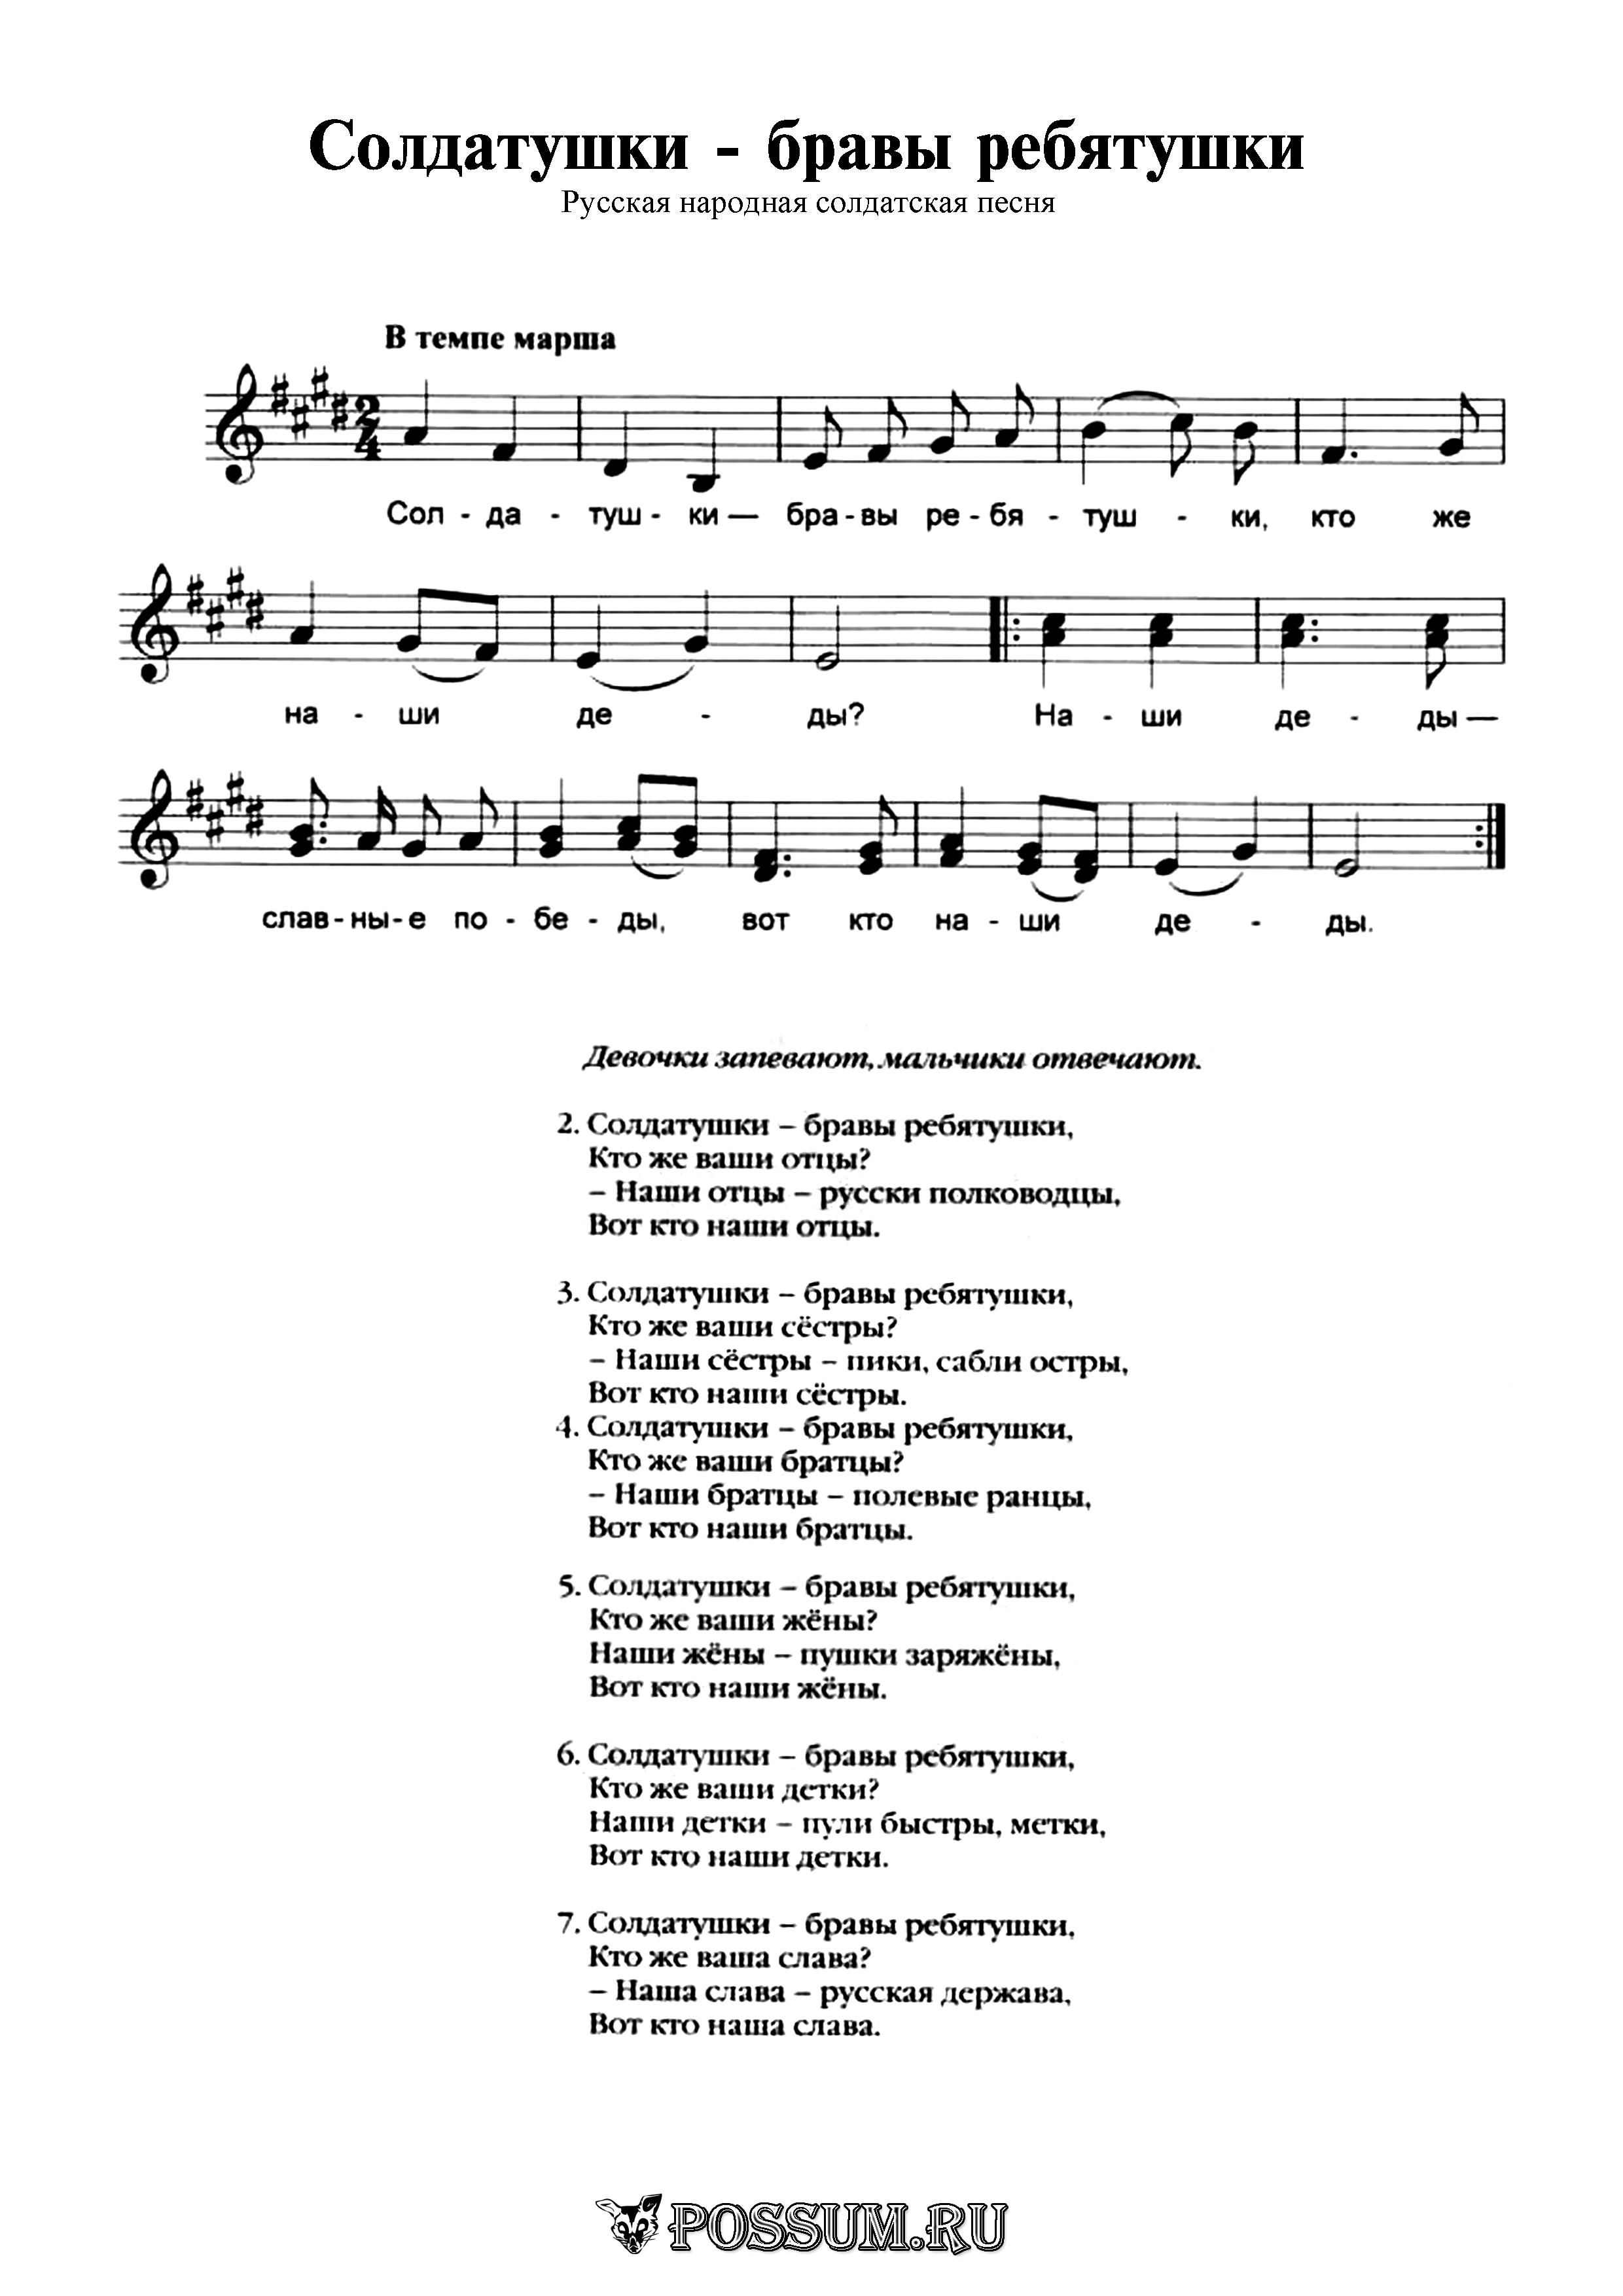 патриотические песни к 23 февраля скачать